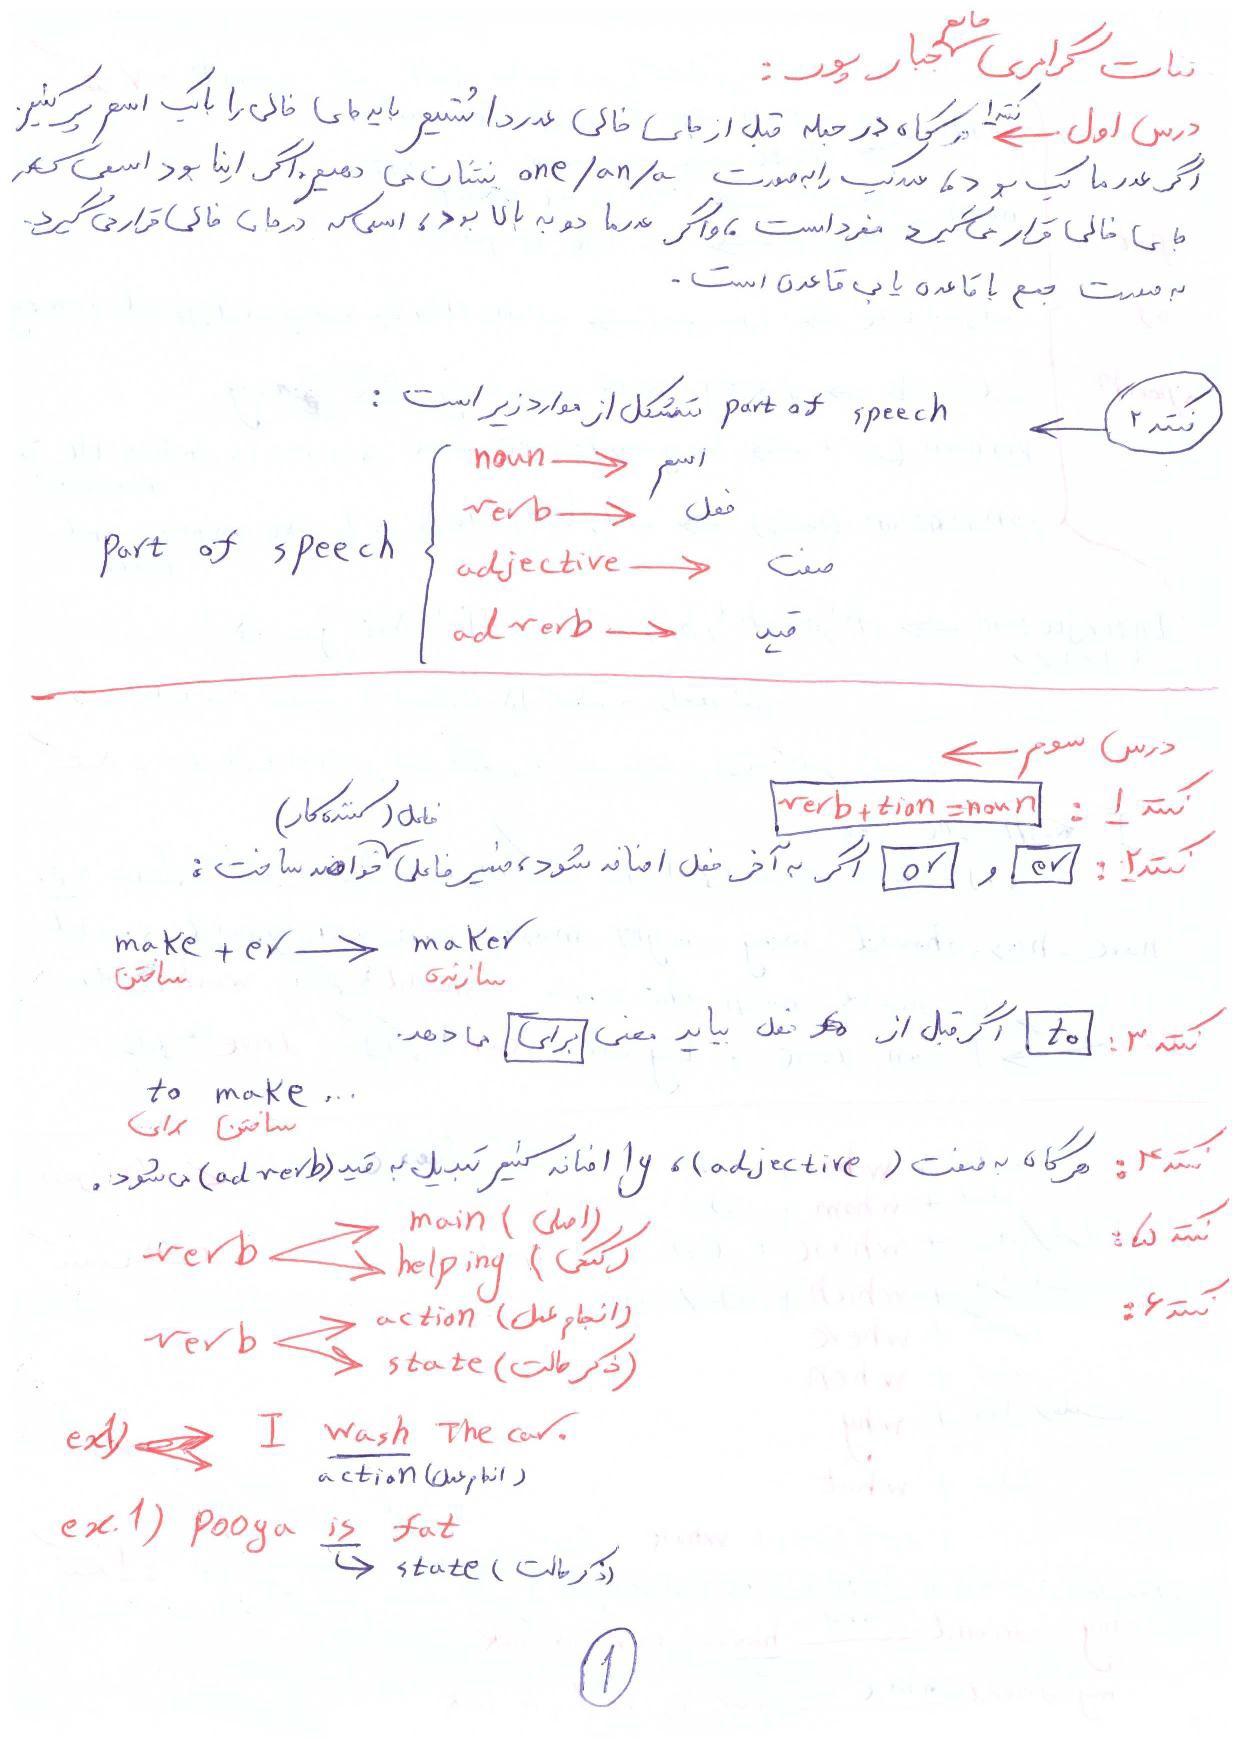 جزوه کامل گرامر زبان عمومی استاد جبار پور